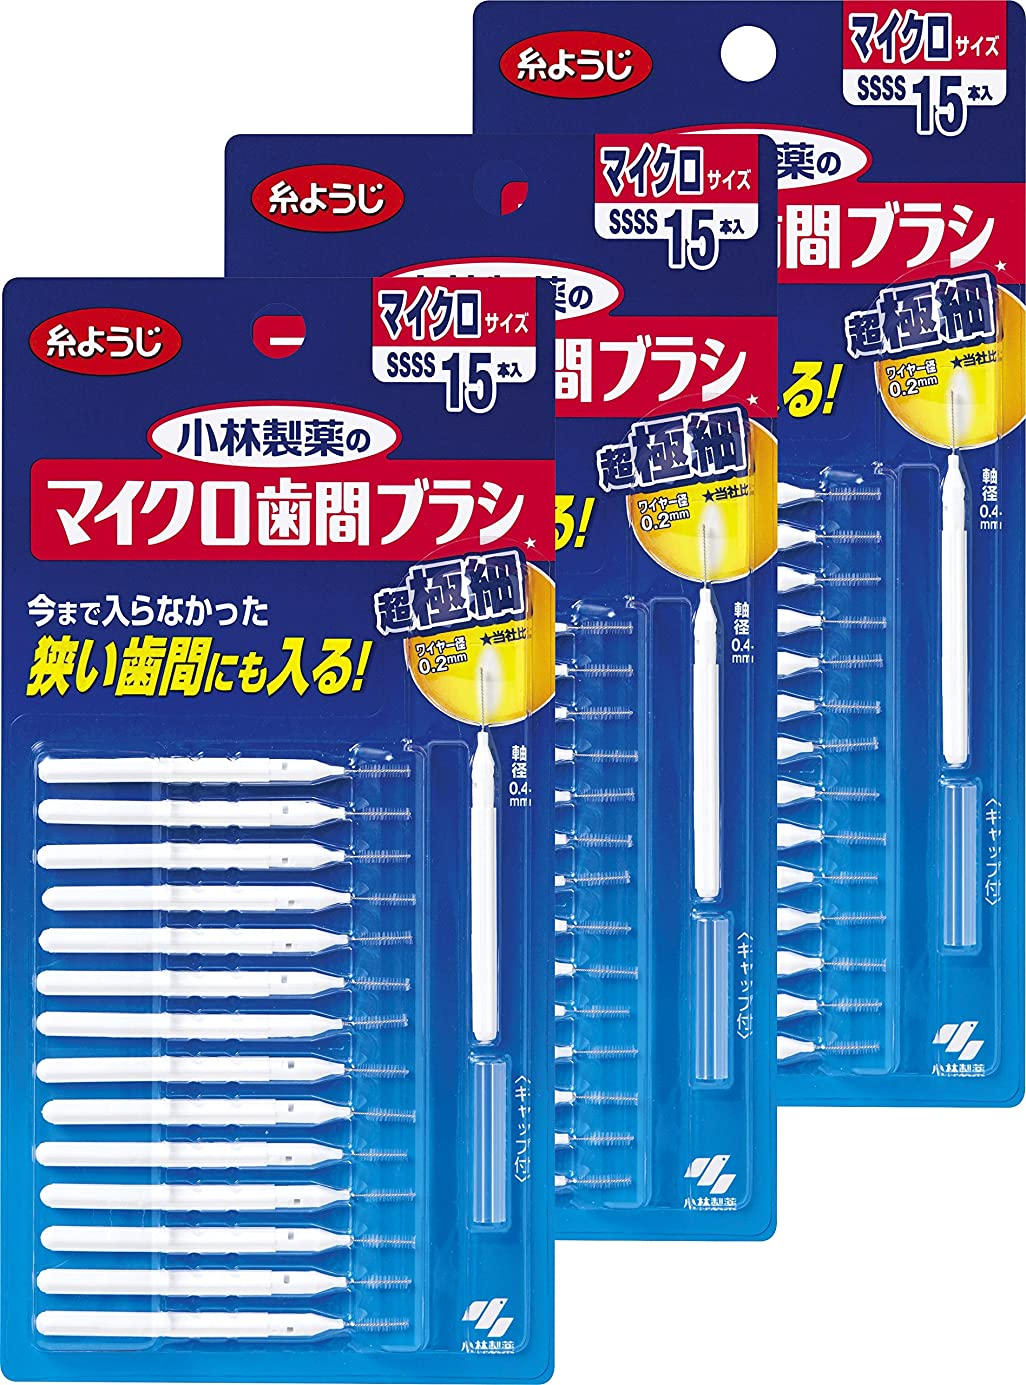 麻痺させるファイルはげ【まとめ買い】小林製薬のマイクロ歯間ブラシI字型 超極細タイプ SSSS 15本(糸ようじブランド)×3個